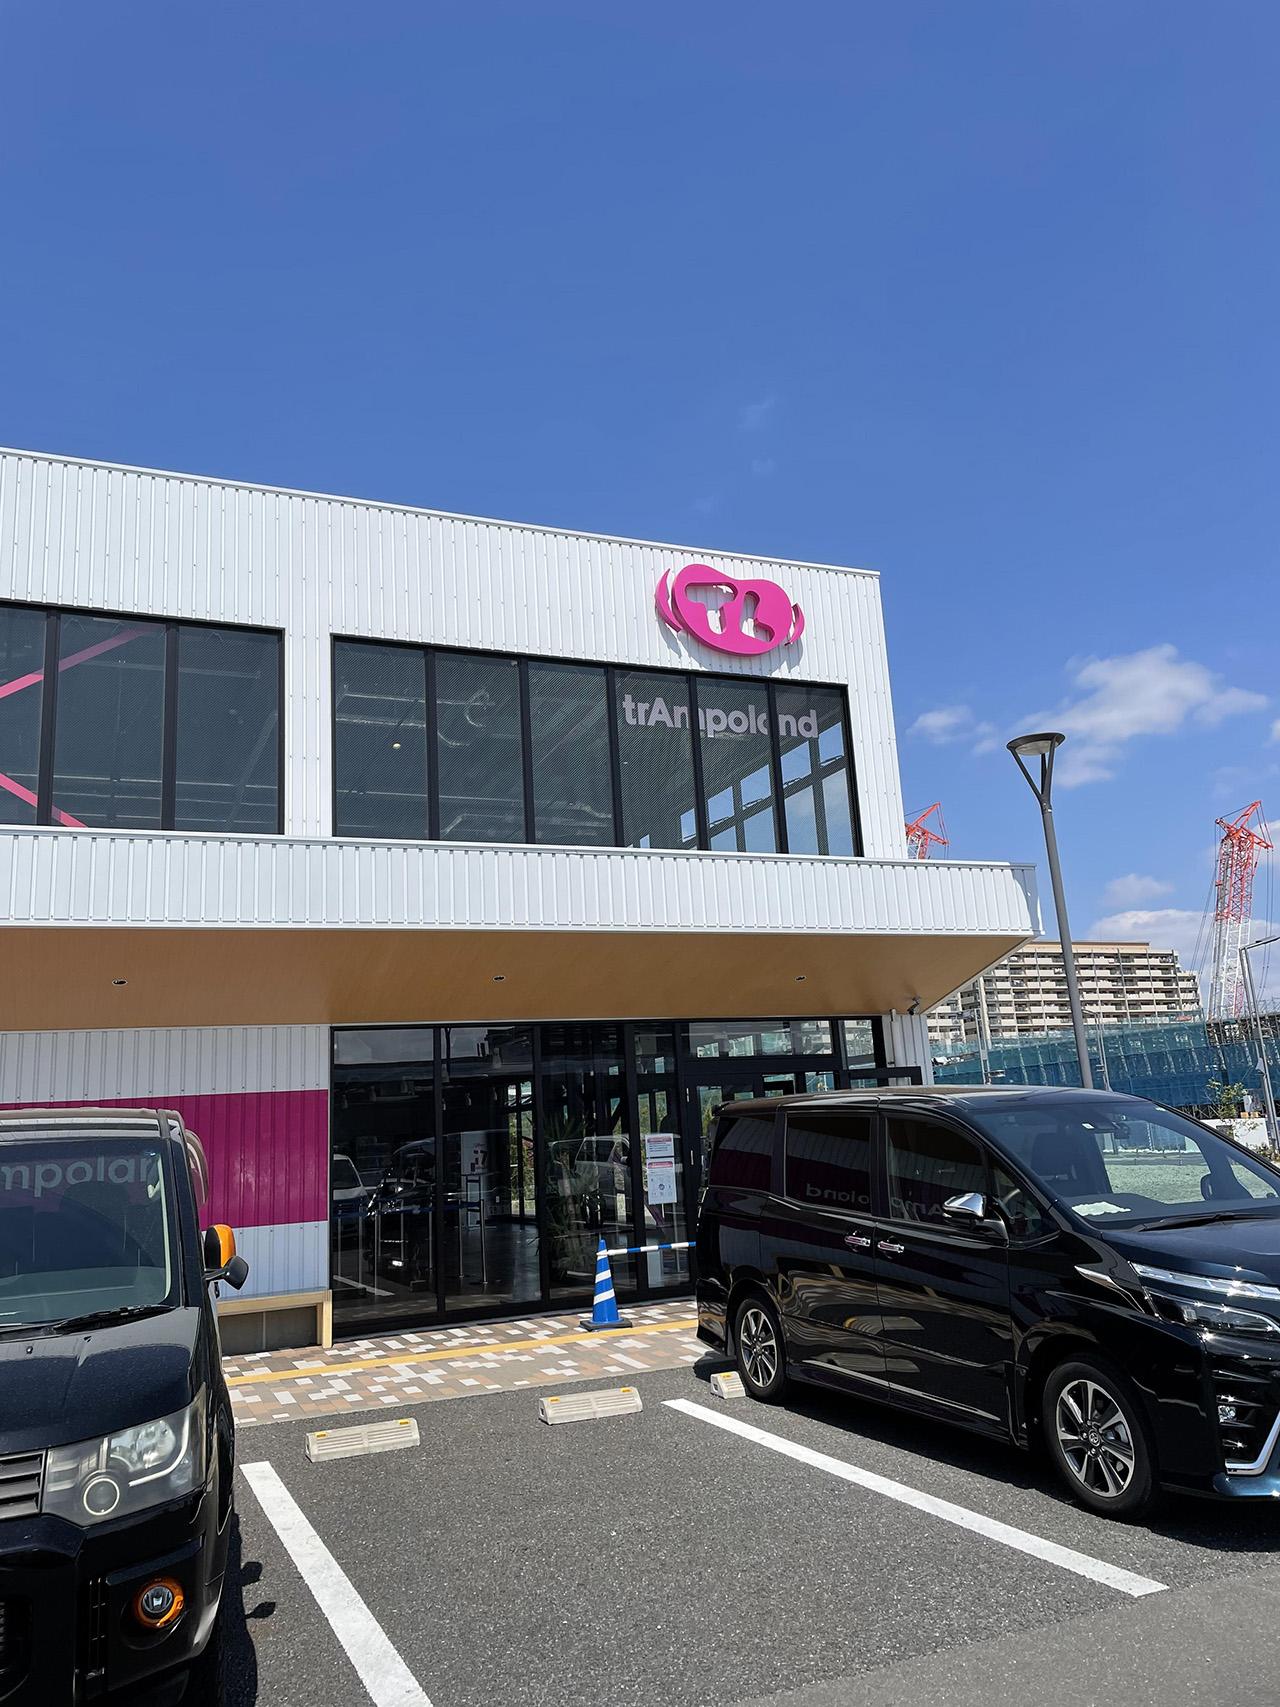 トランポランドTOKYO BAYSIDE(TOKYOベイサイド)店の投稿写真2